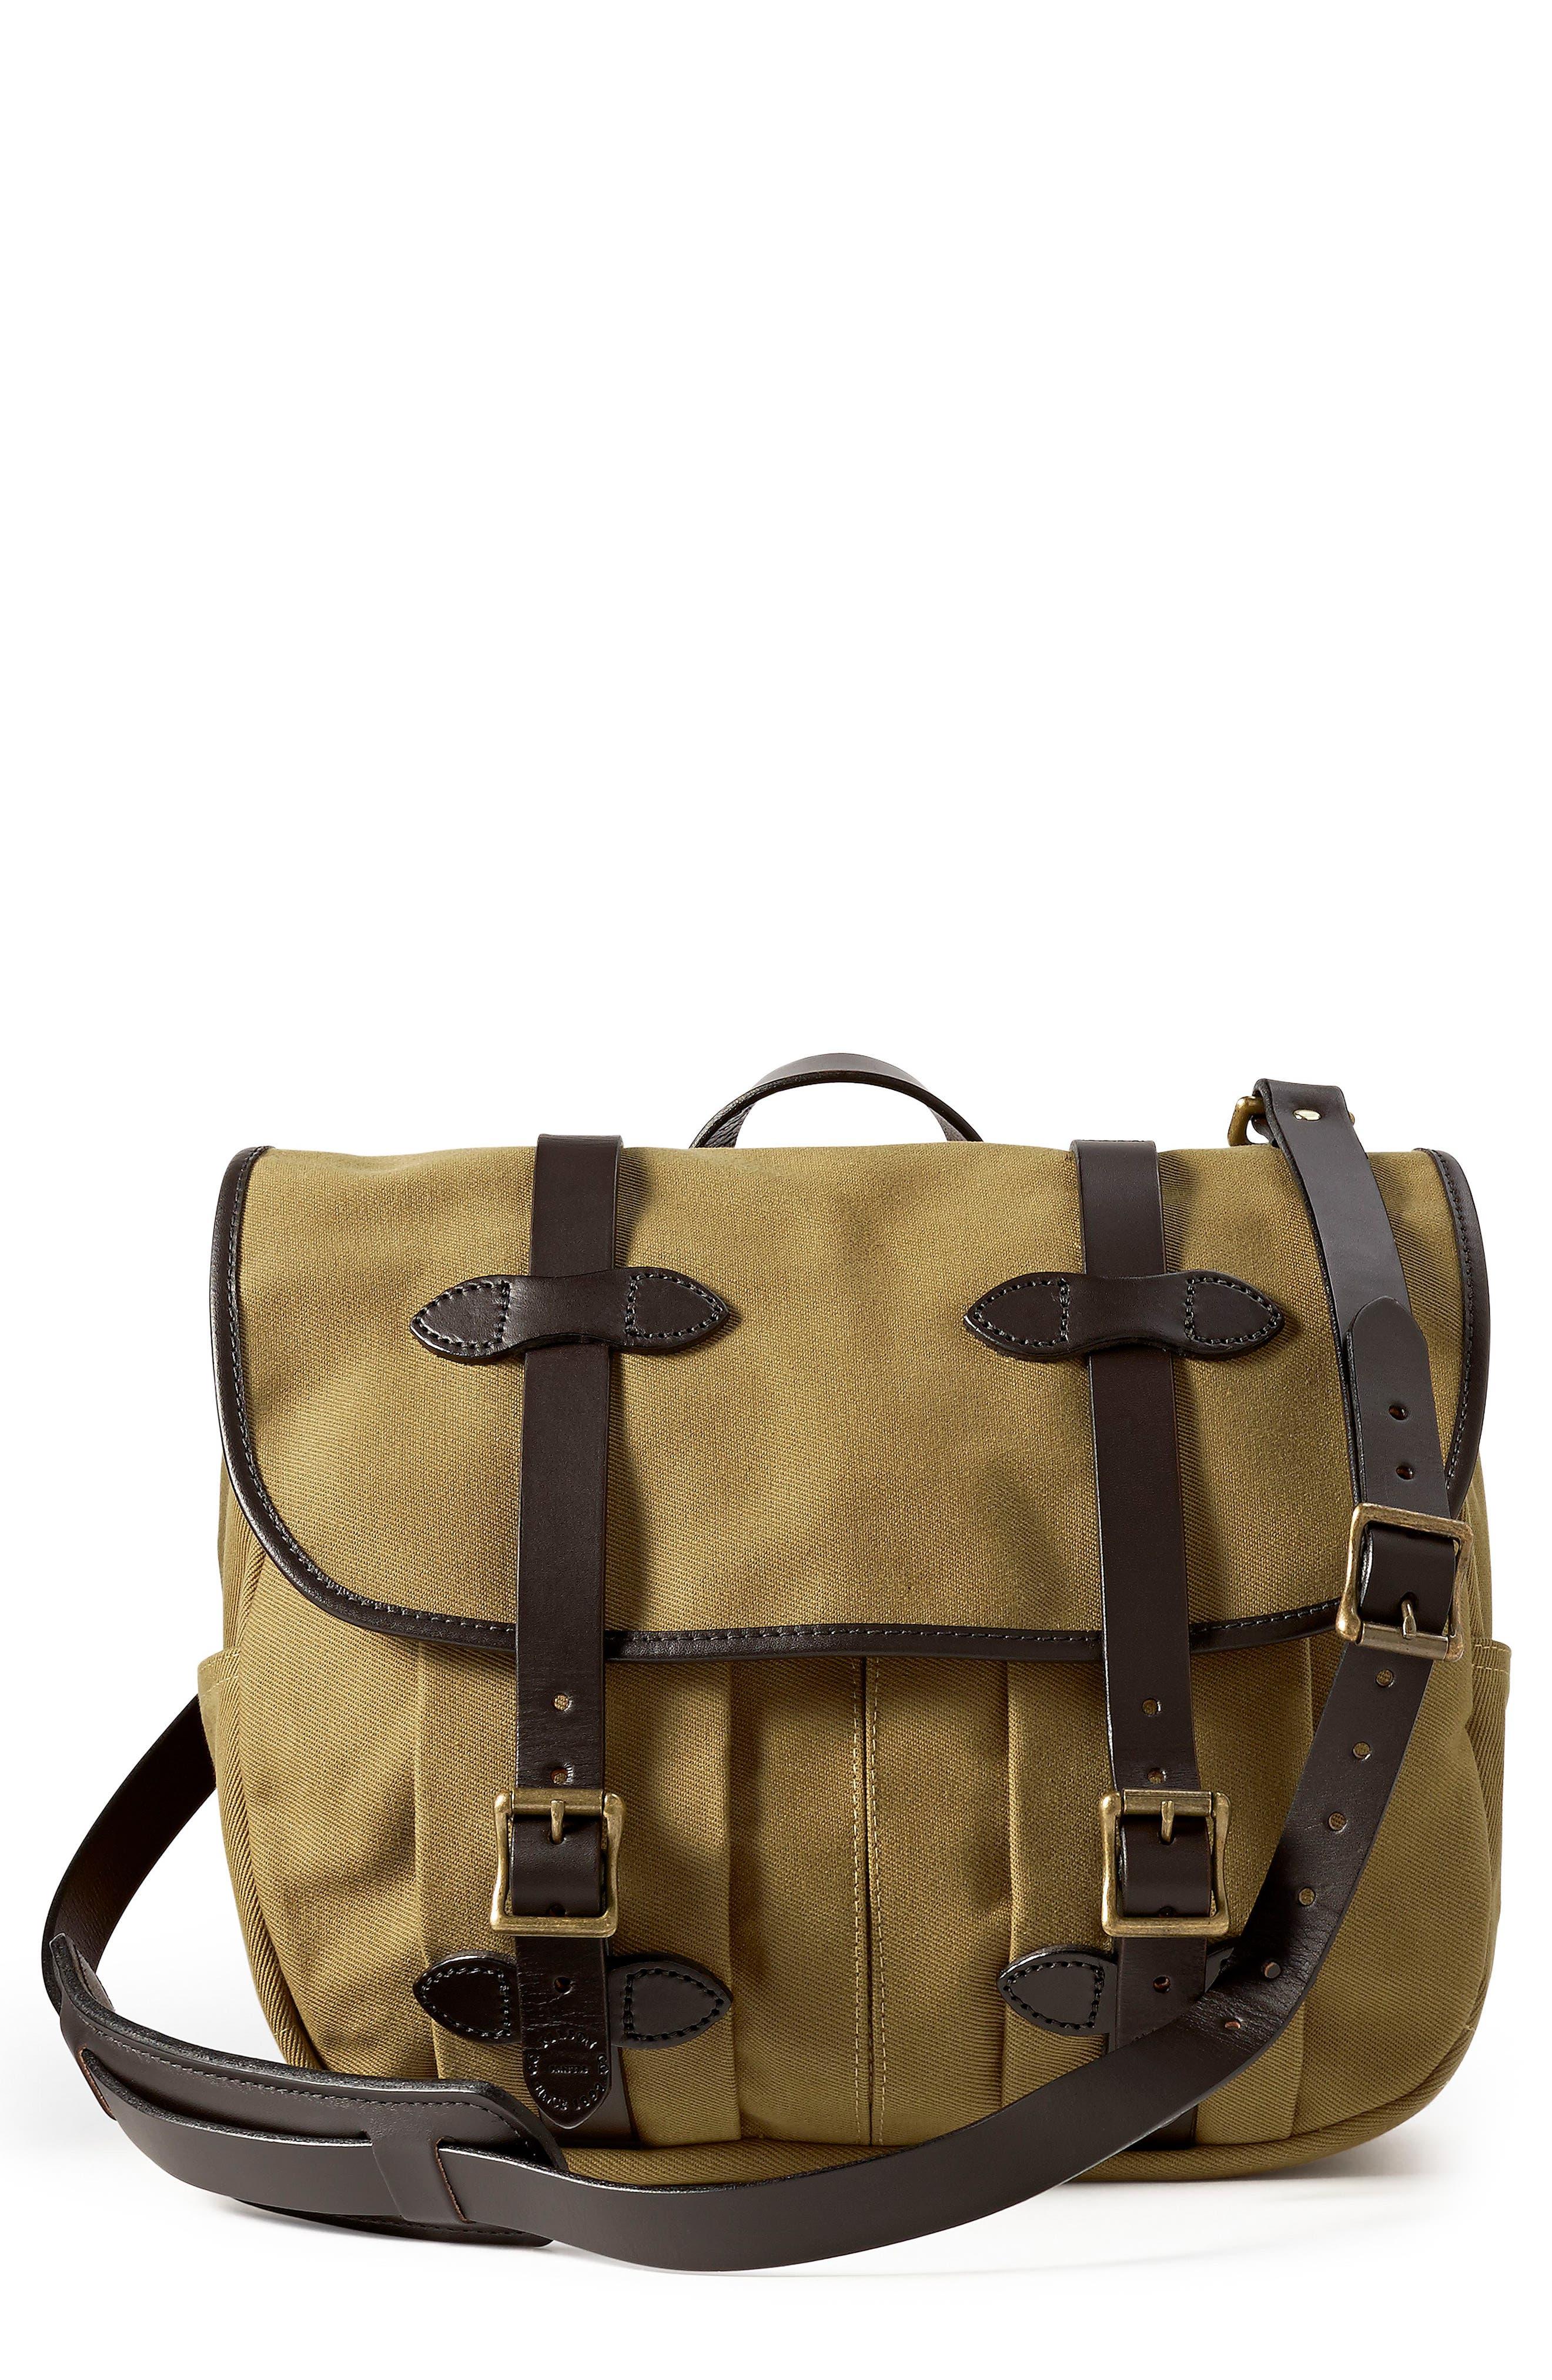 Medium Field Bag,                         Main,                         color, TAN